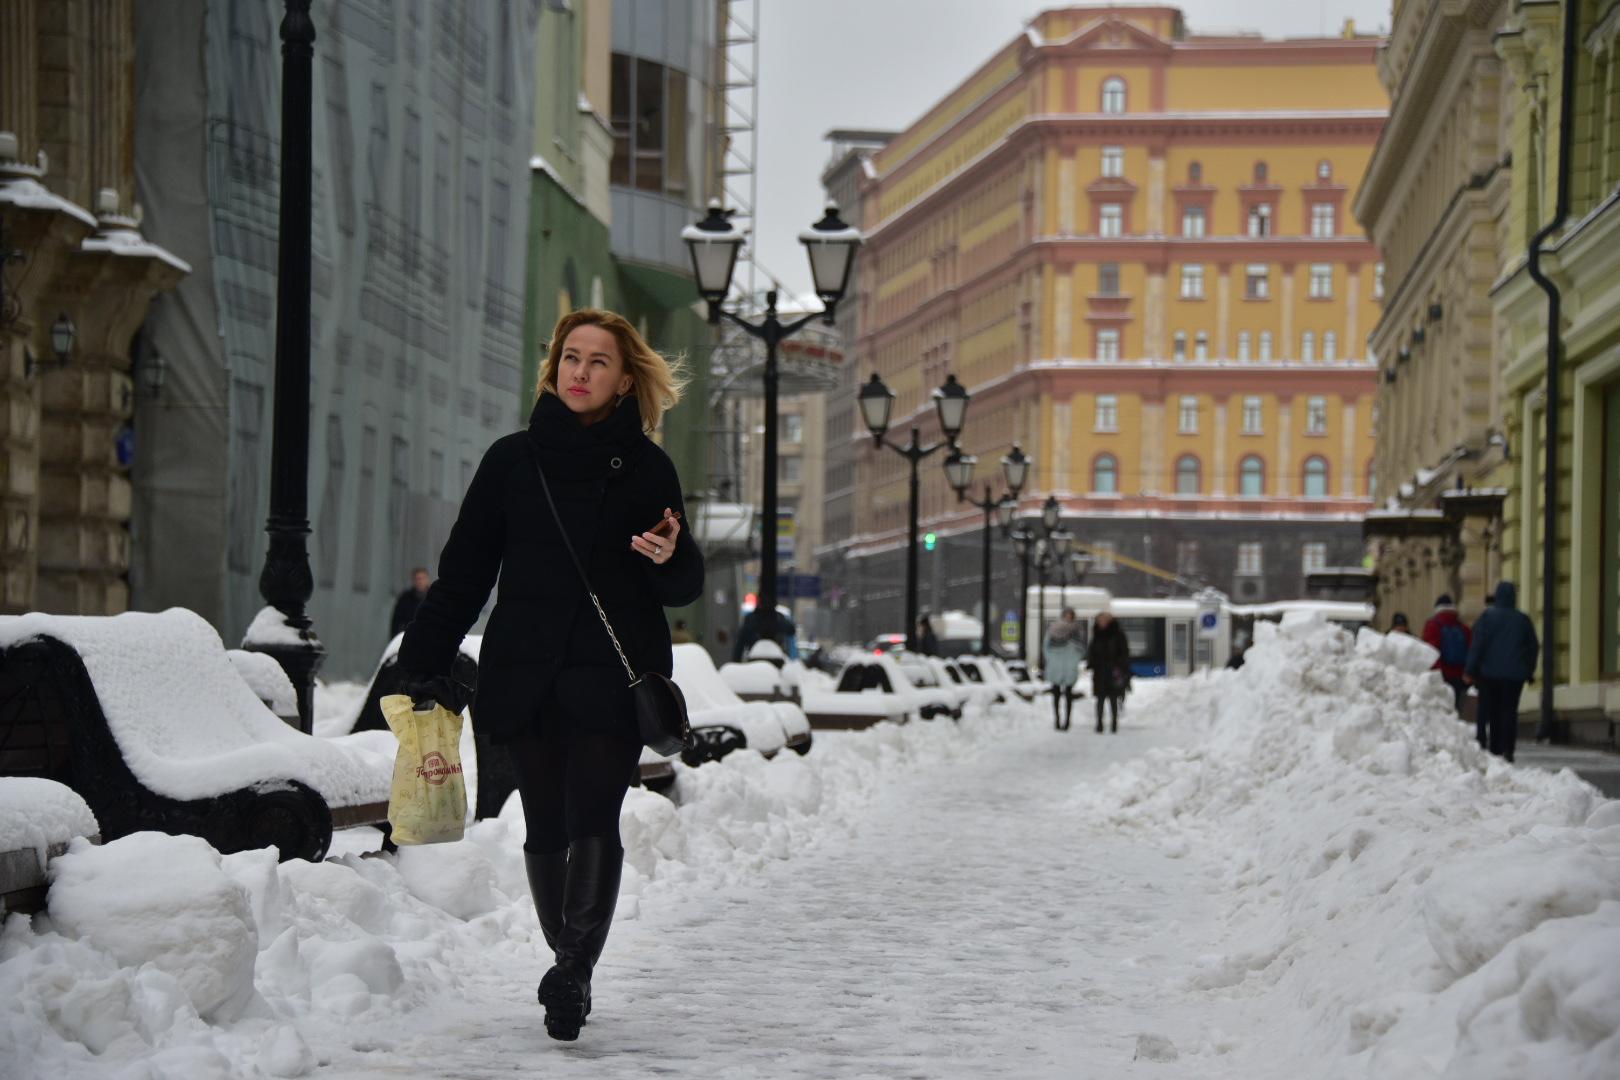 Москвичи смогут с 25 февраля проголосовать за установку памятника на Лубянке. Фото: Антон Гердо, «Вечерняя Москва»